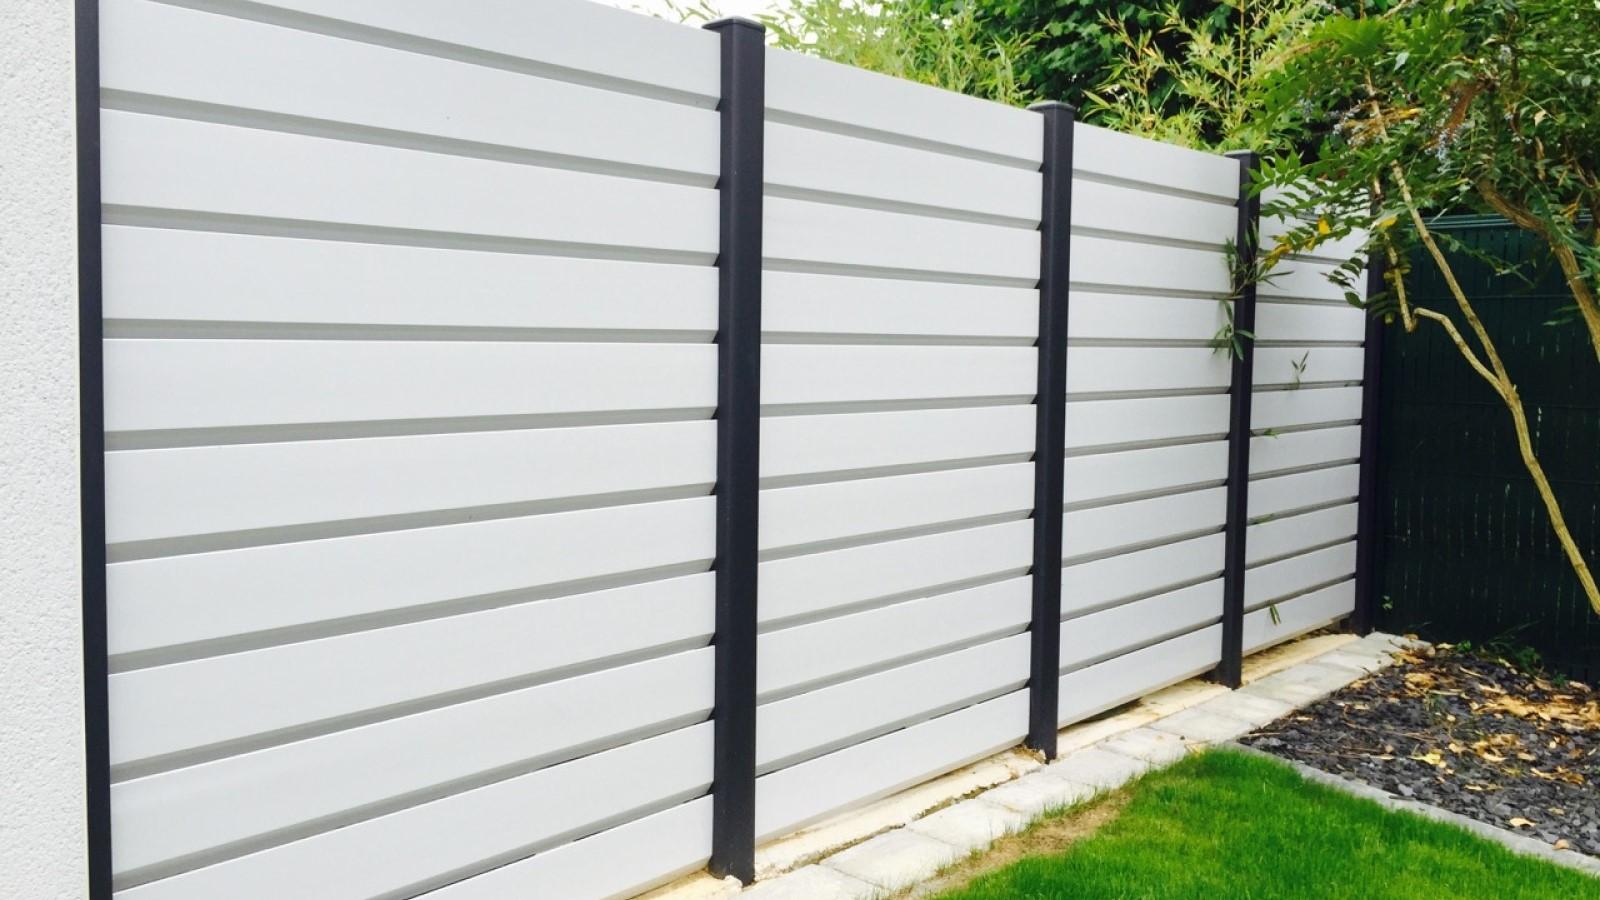 Claustra Bois Lames Orientables portail, clôture, brise-vue : protéger son intimité avec un